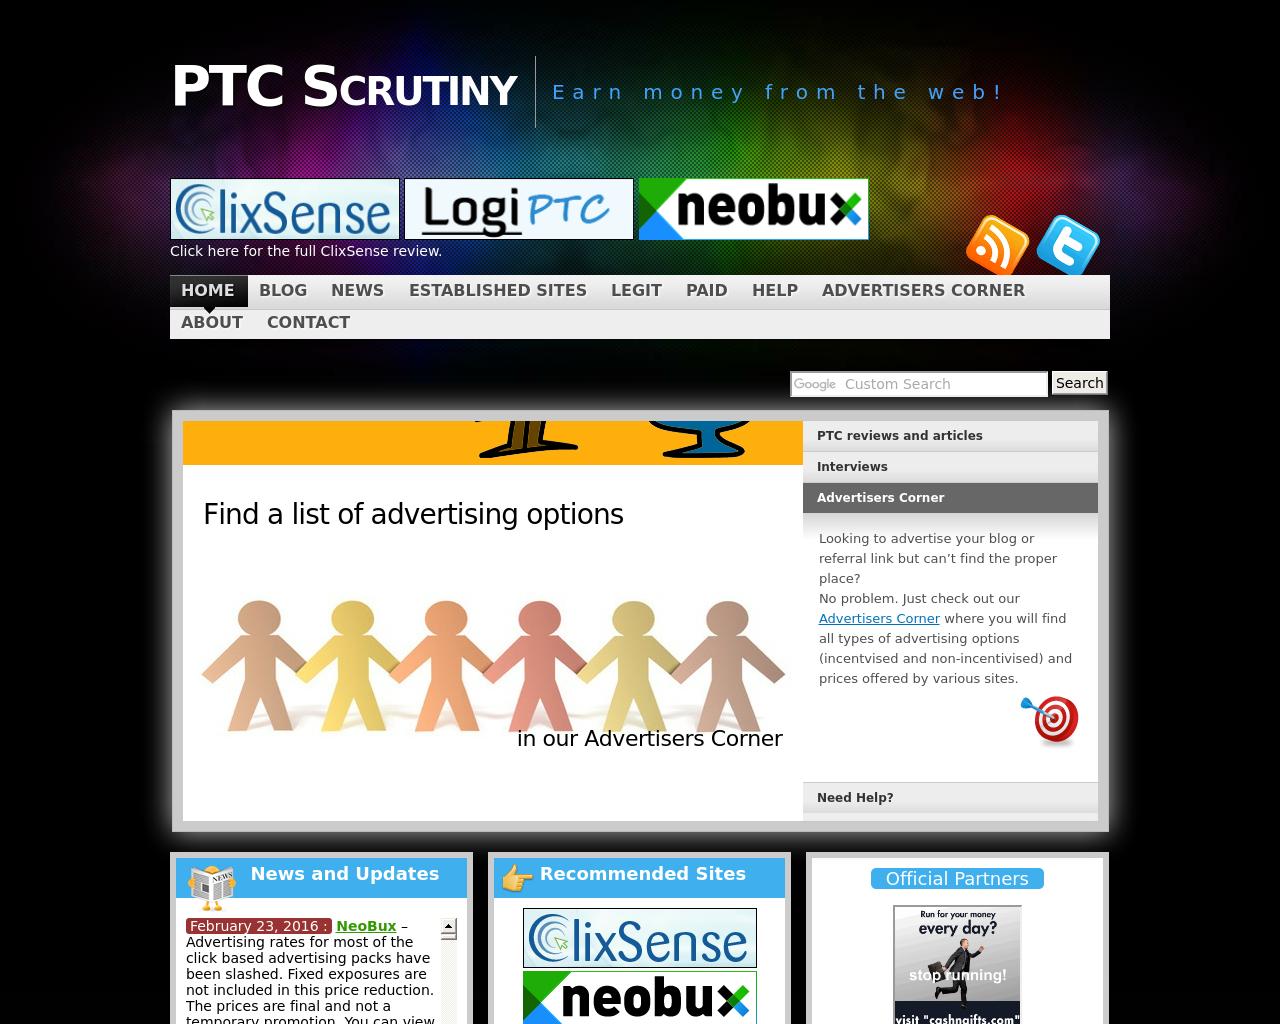 PTC-Scrutiny-Advertising-Reviews-Pricing